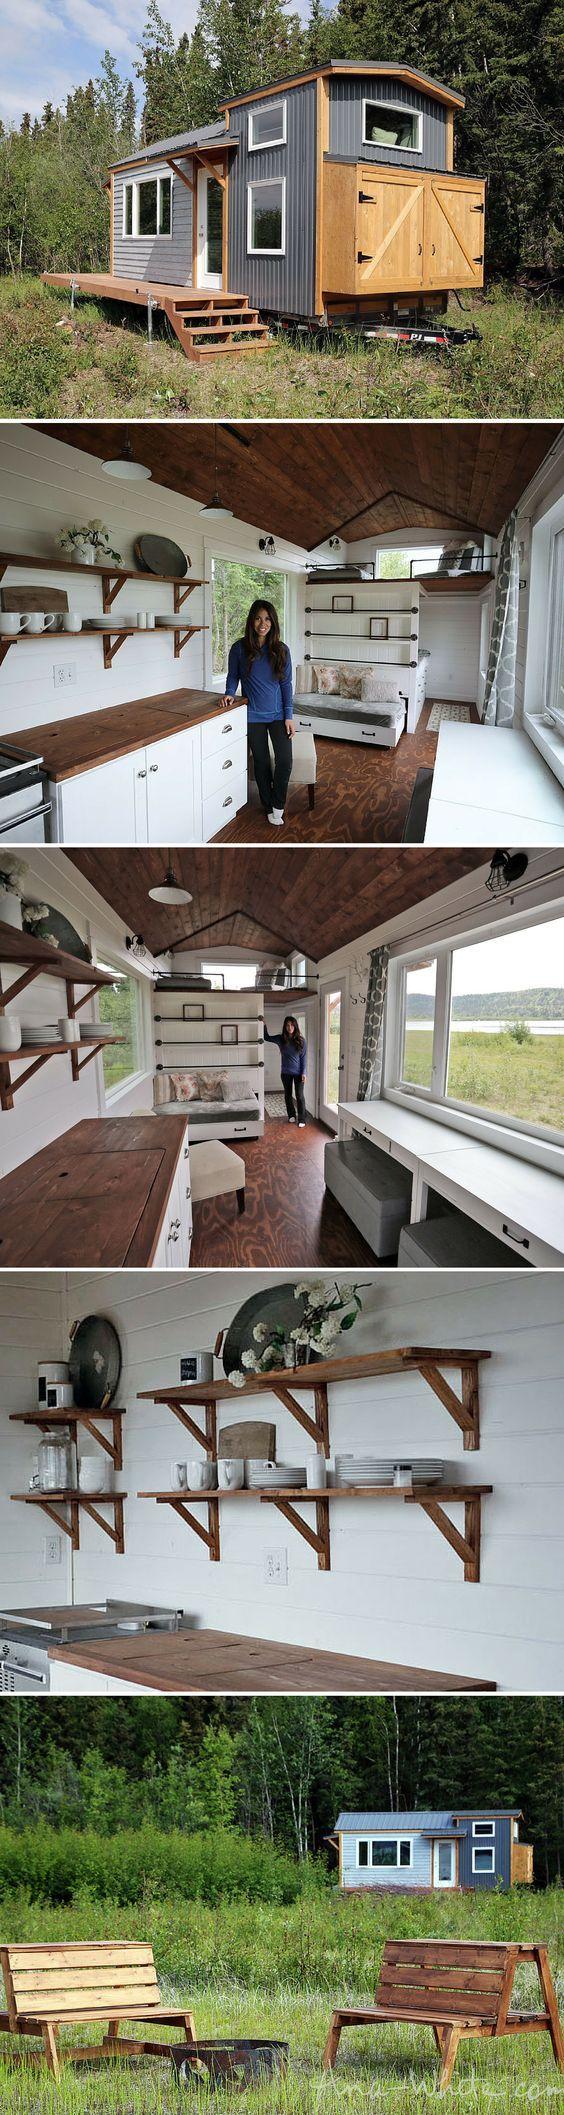 Ana White   Quartz Tiny House - Free Tiny House Plans - DIY Projects